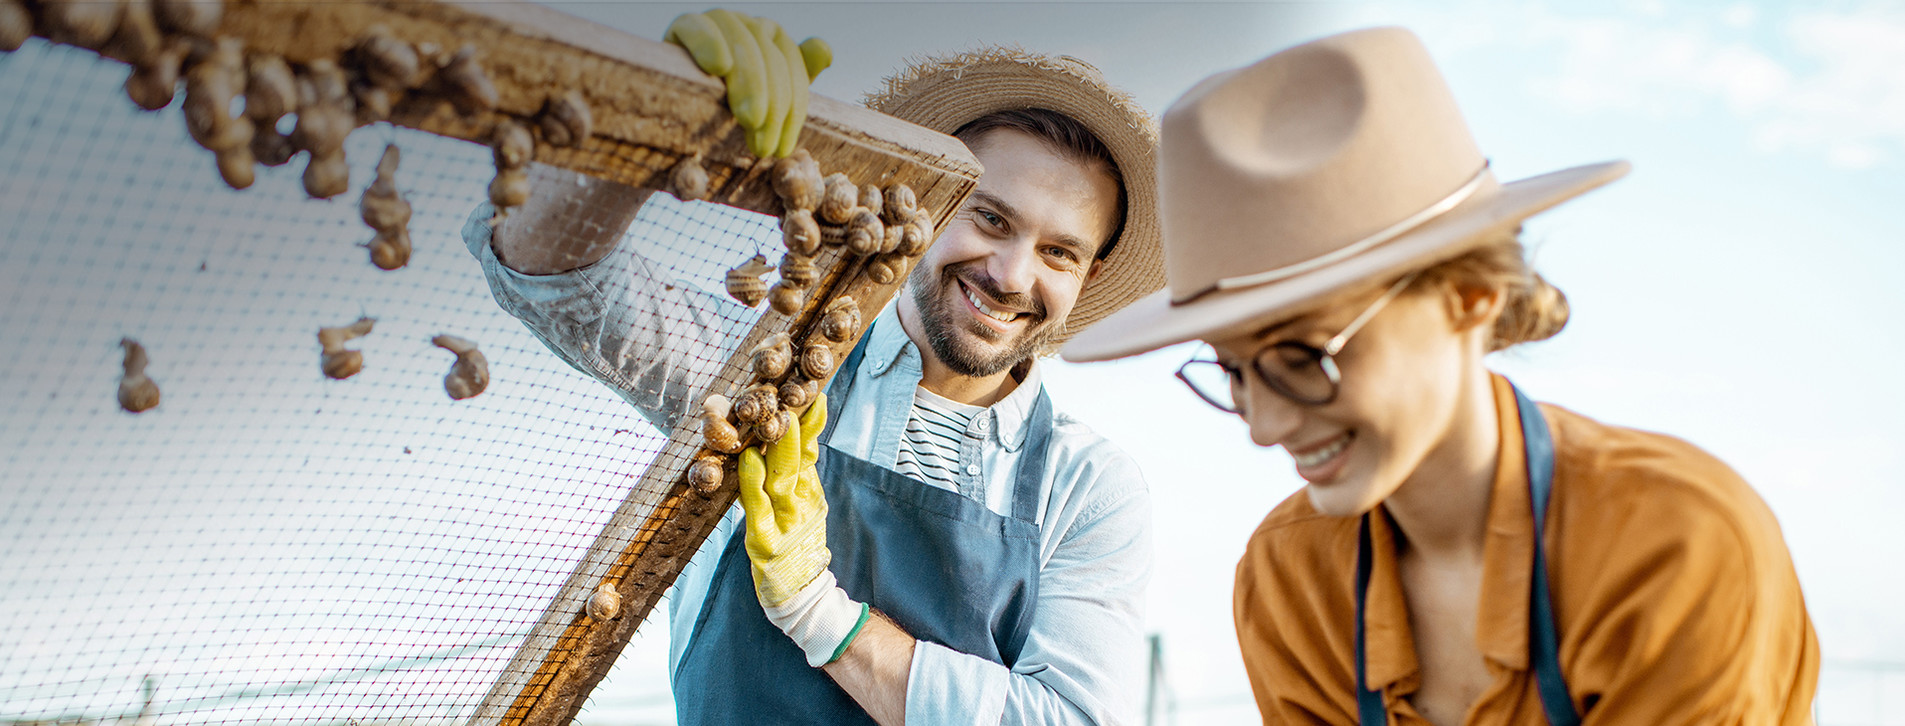 Фото 1 - Экскурсия на улиточную ферму с дегустацией для компании